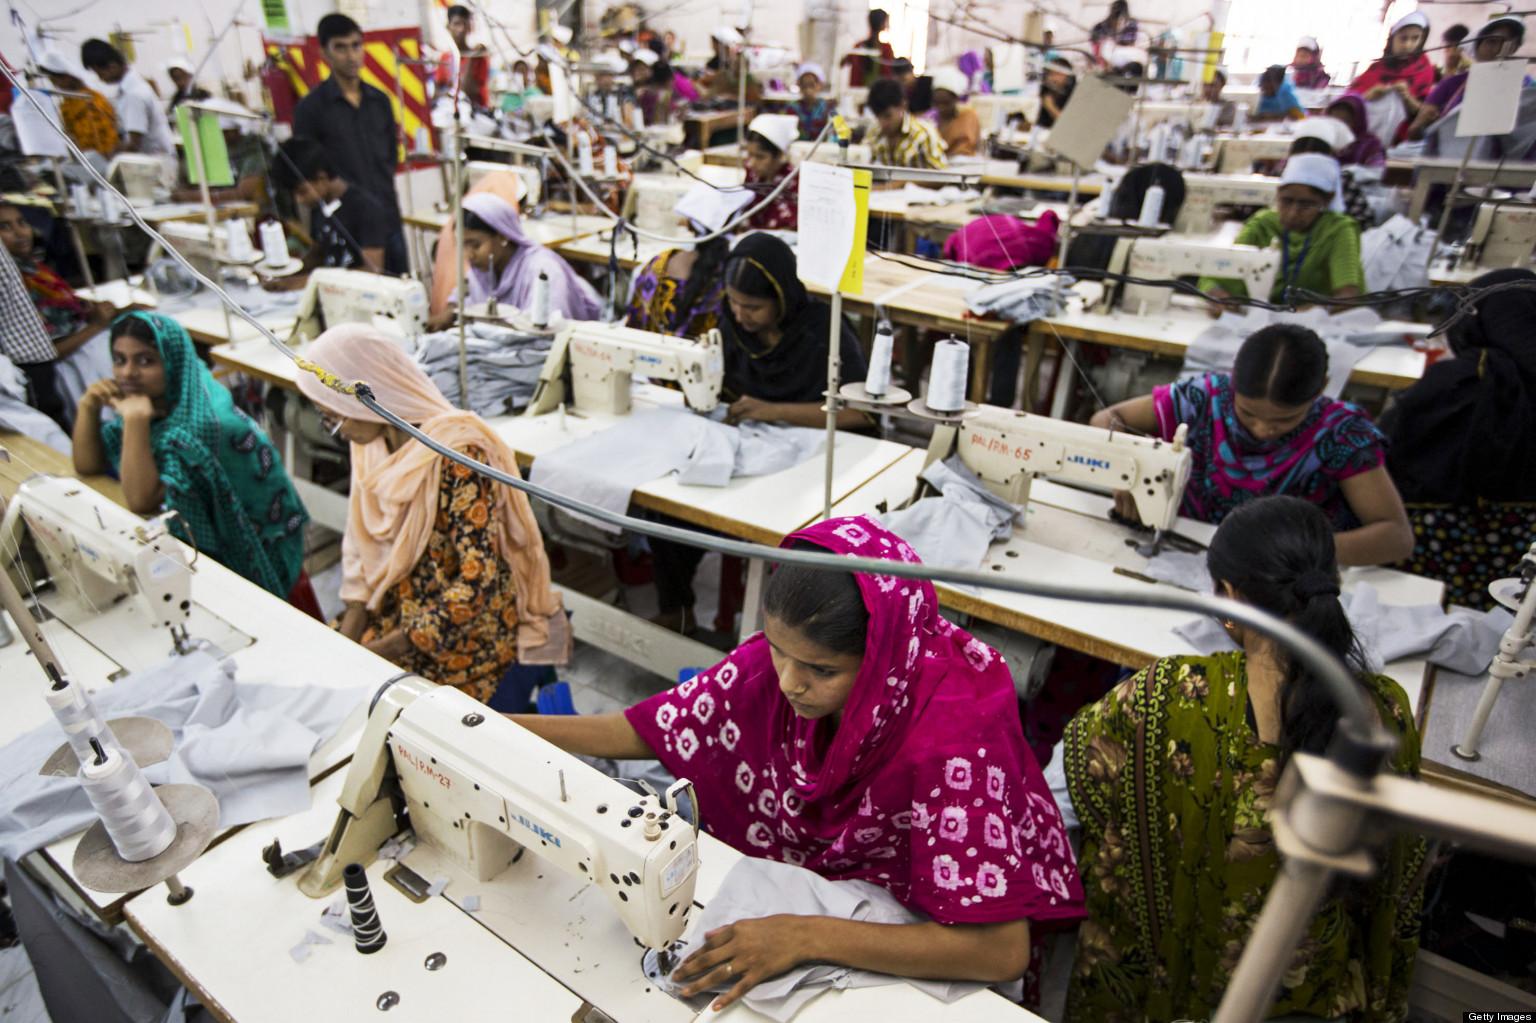 バングラデシュでの衣料品・アパレル製品製作のメリット&デメリット